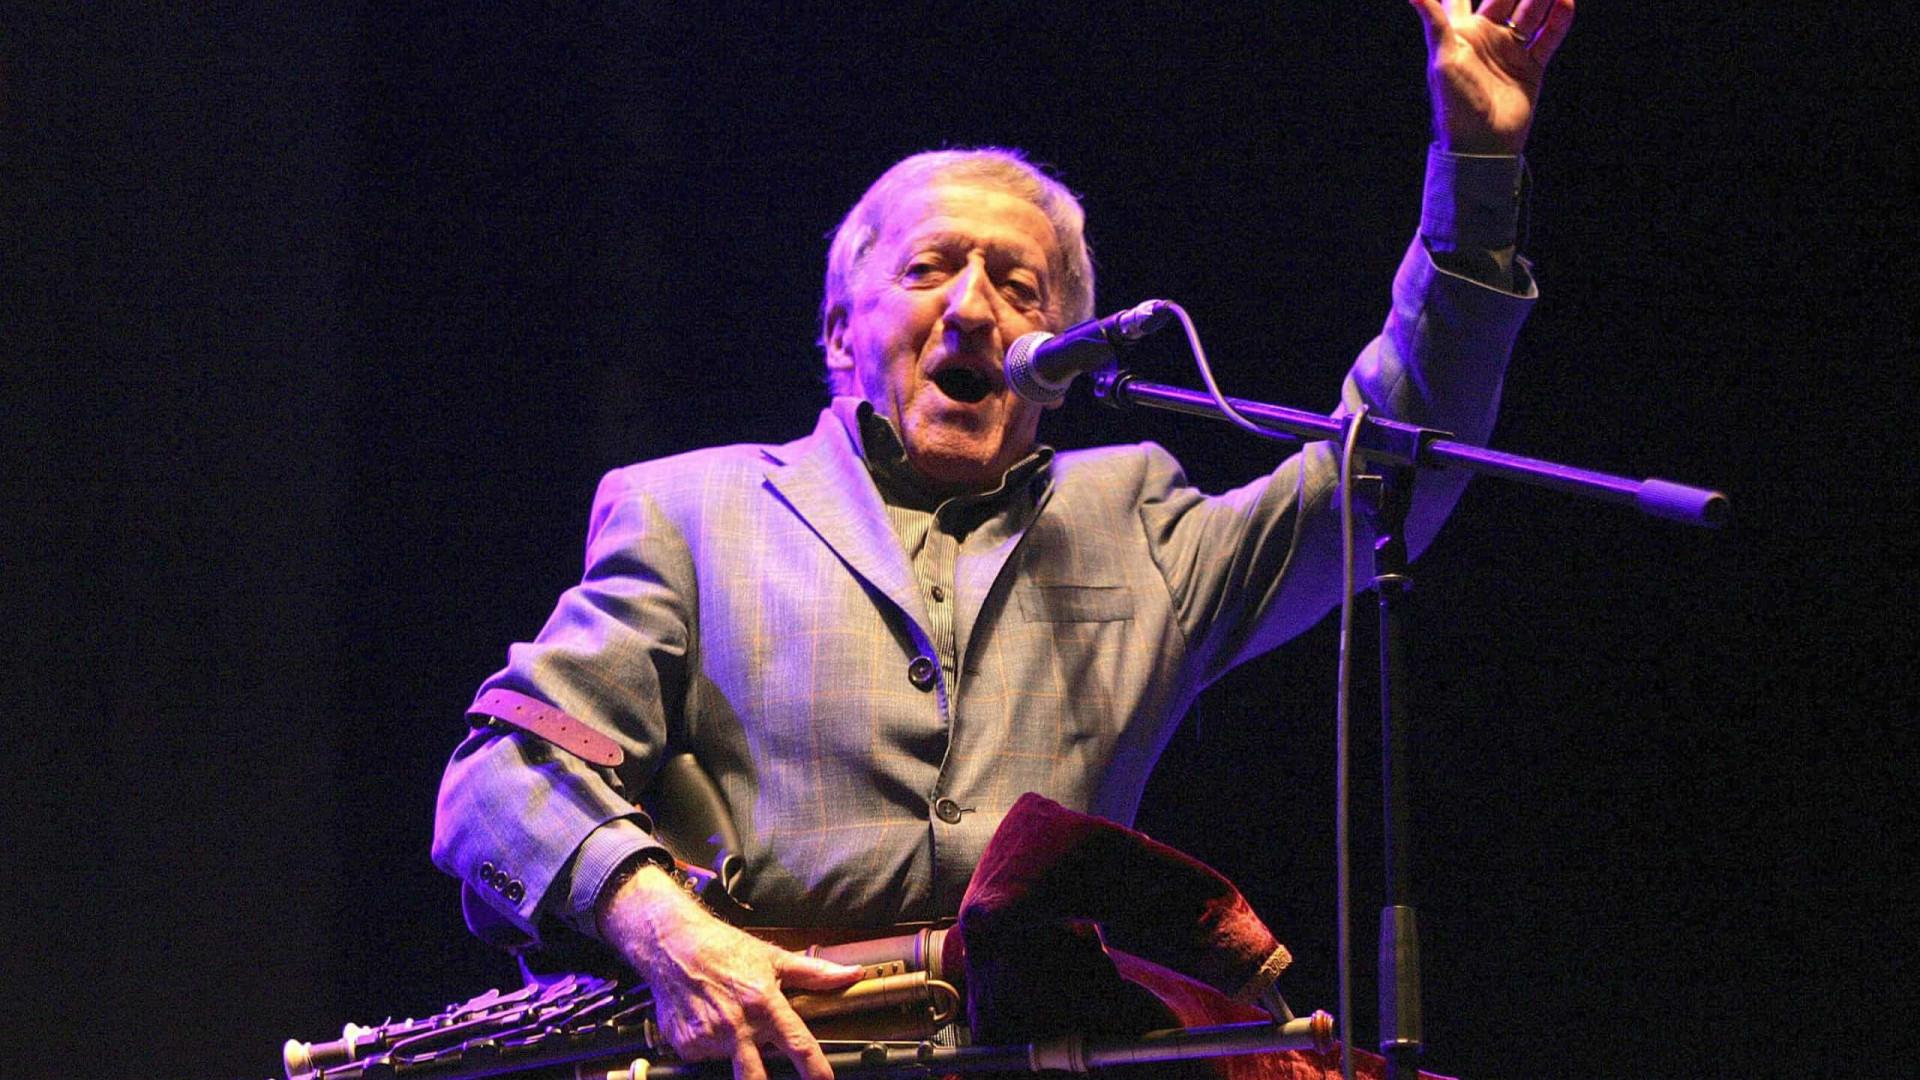 Paddy Moloney, líder da banda The Chieftains, morre aos 83 anos